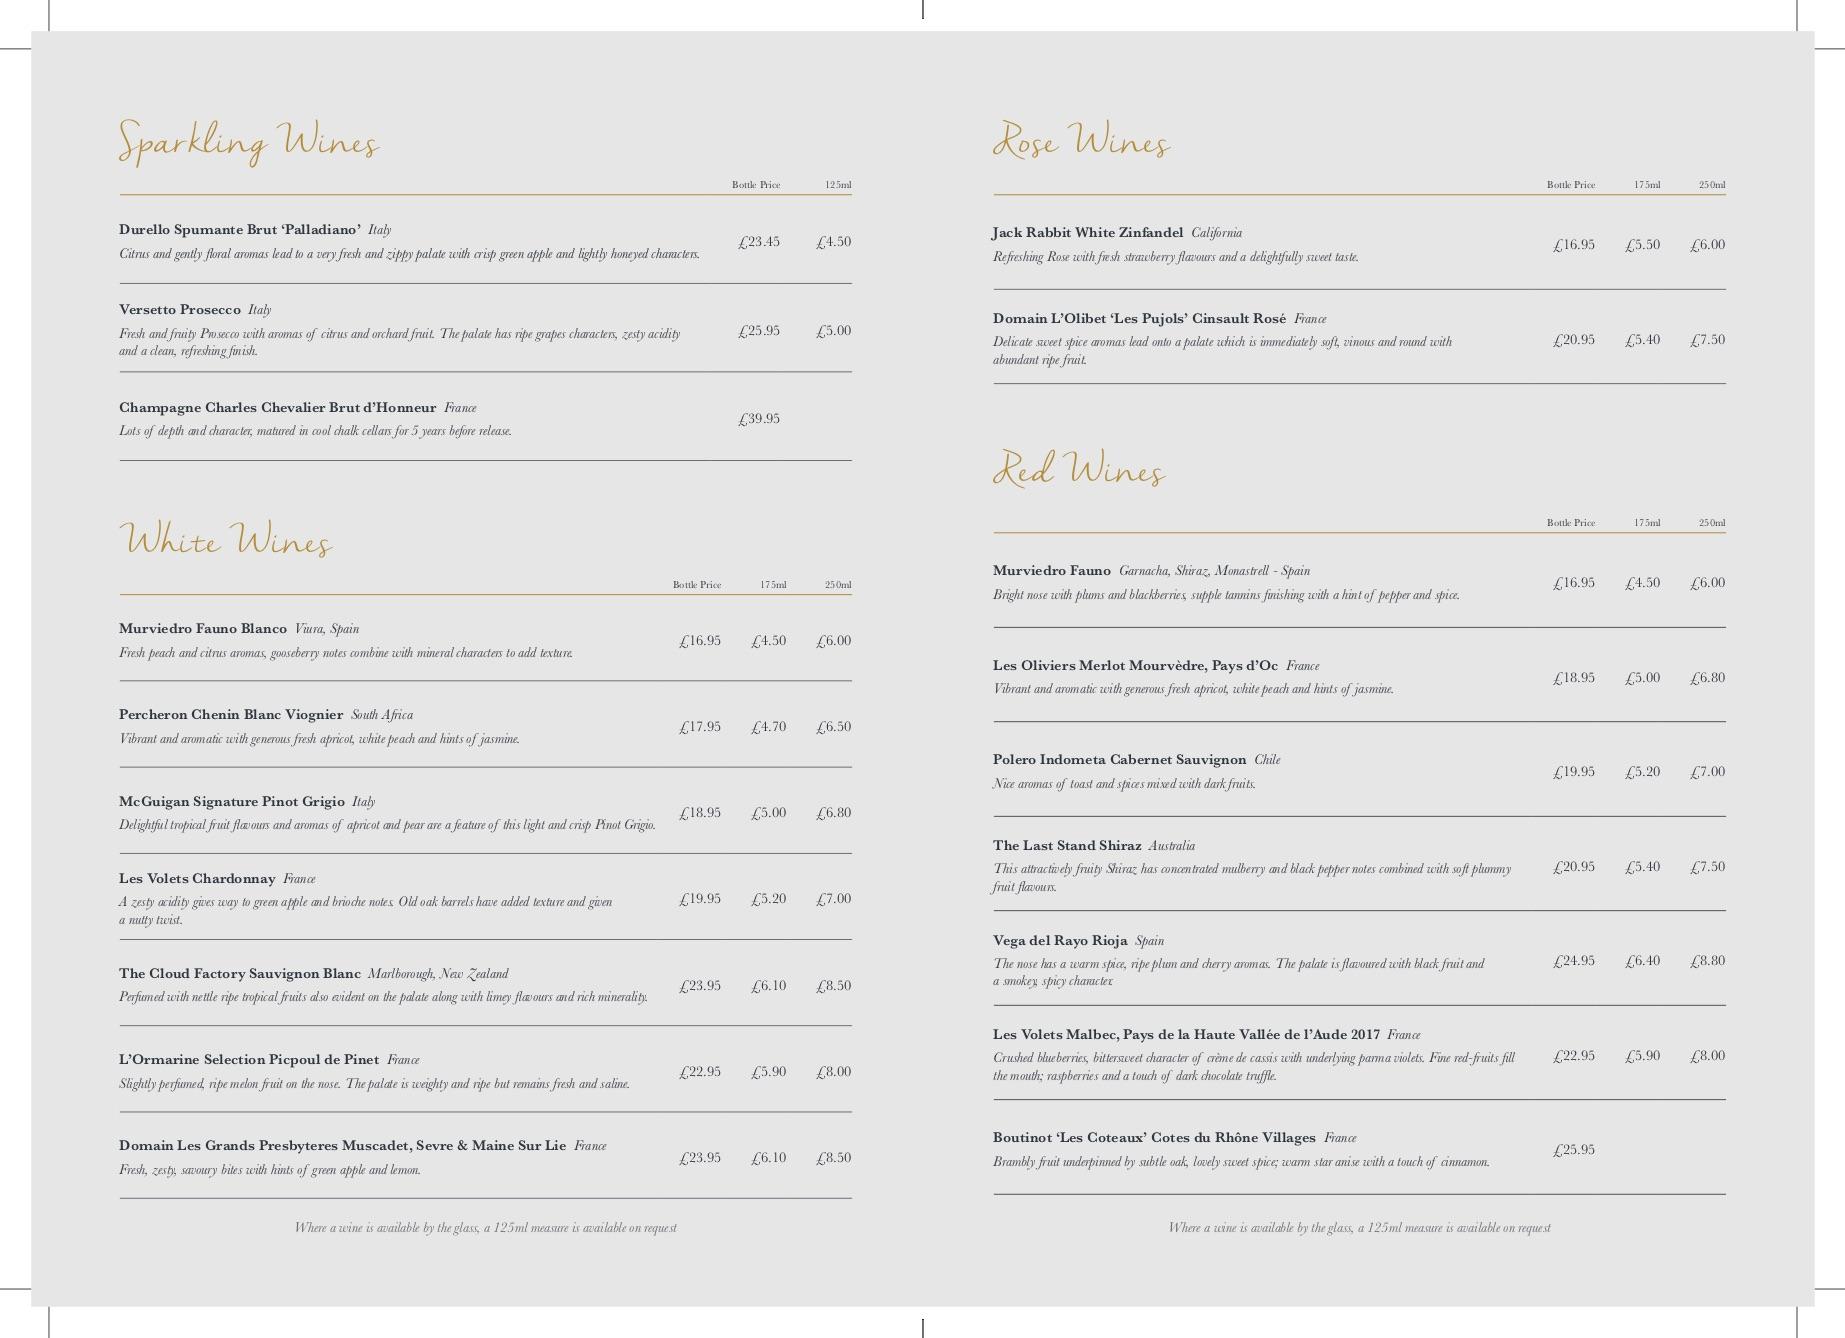 291-18 The Talbot Wine List_v3.0.jpg